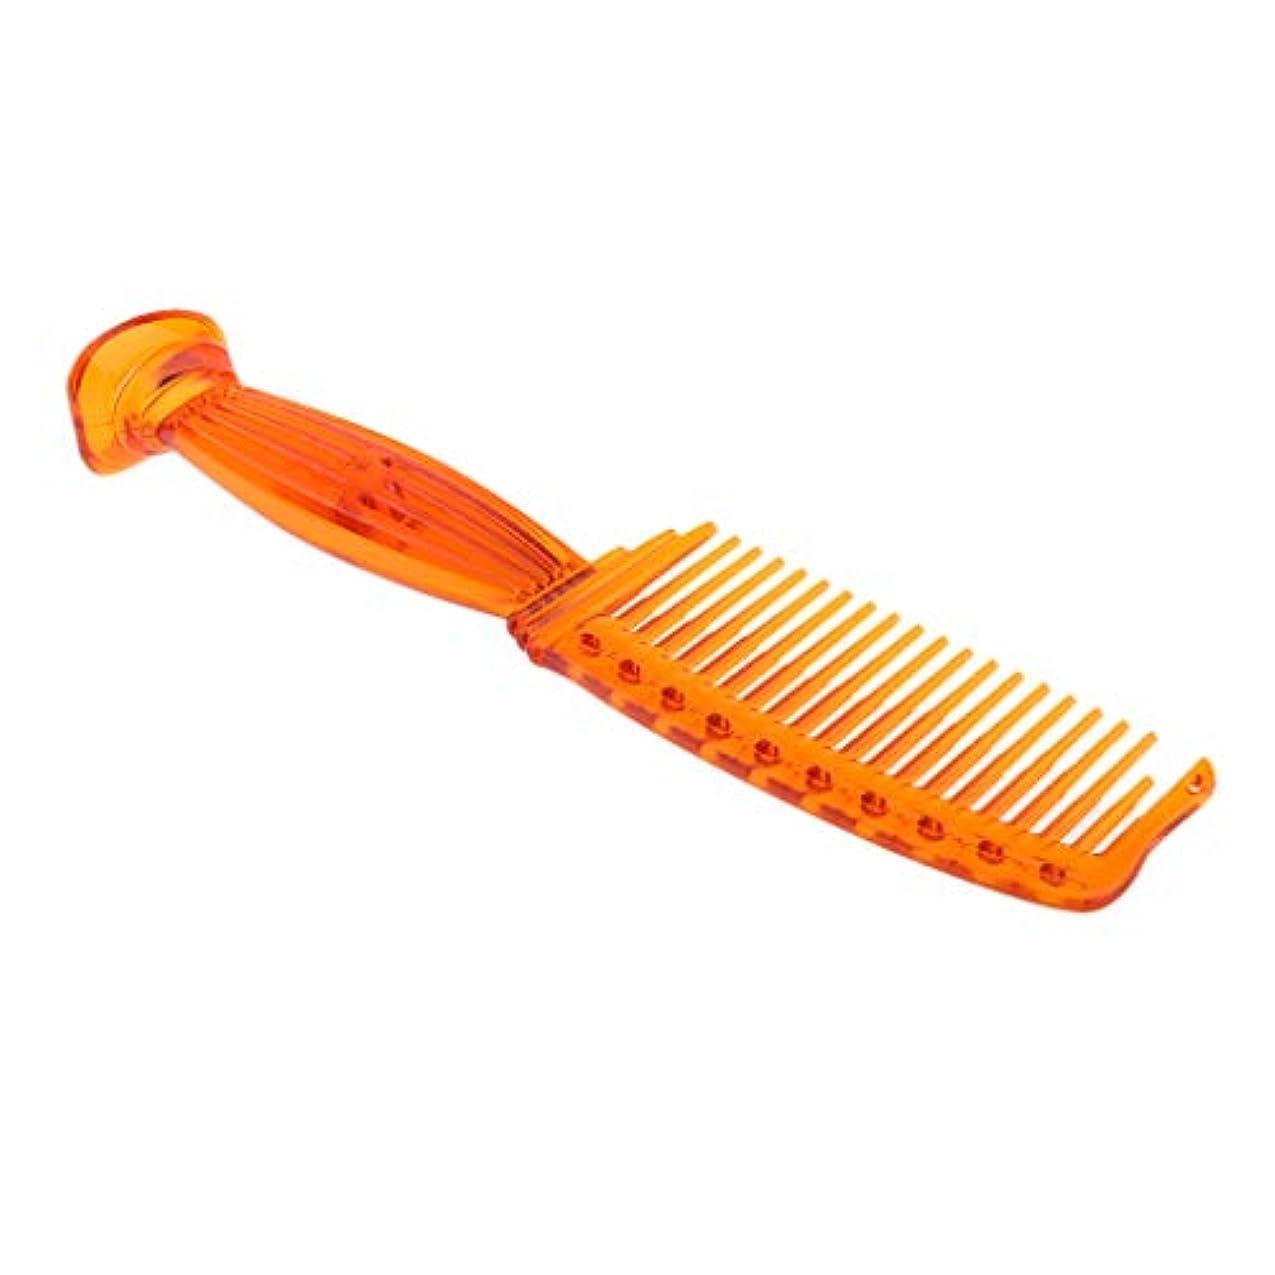 クール比率SM SunniMix ヘアコーム ヘアブラシ ワイド歯 プラスチック プロ ヘアサロン 理髪師 全5色選べ - オレンジ